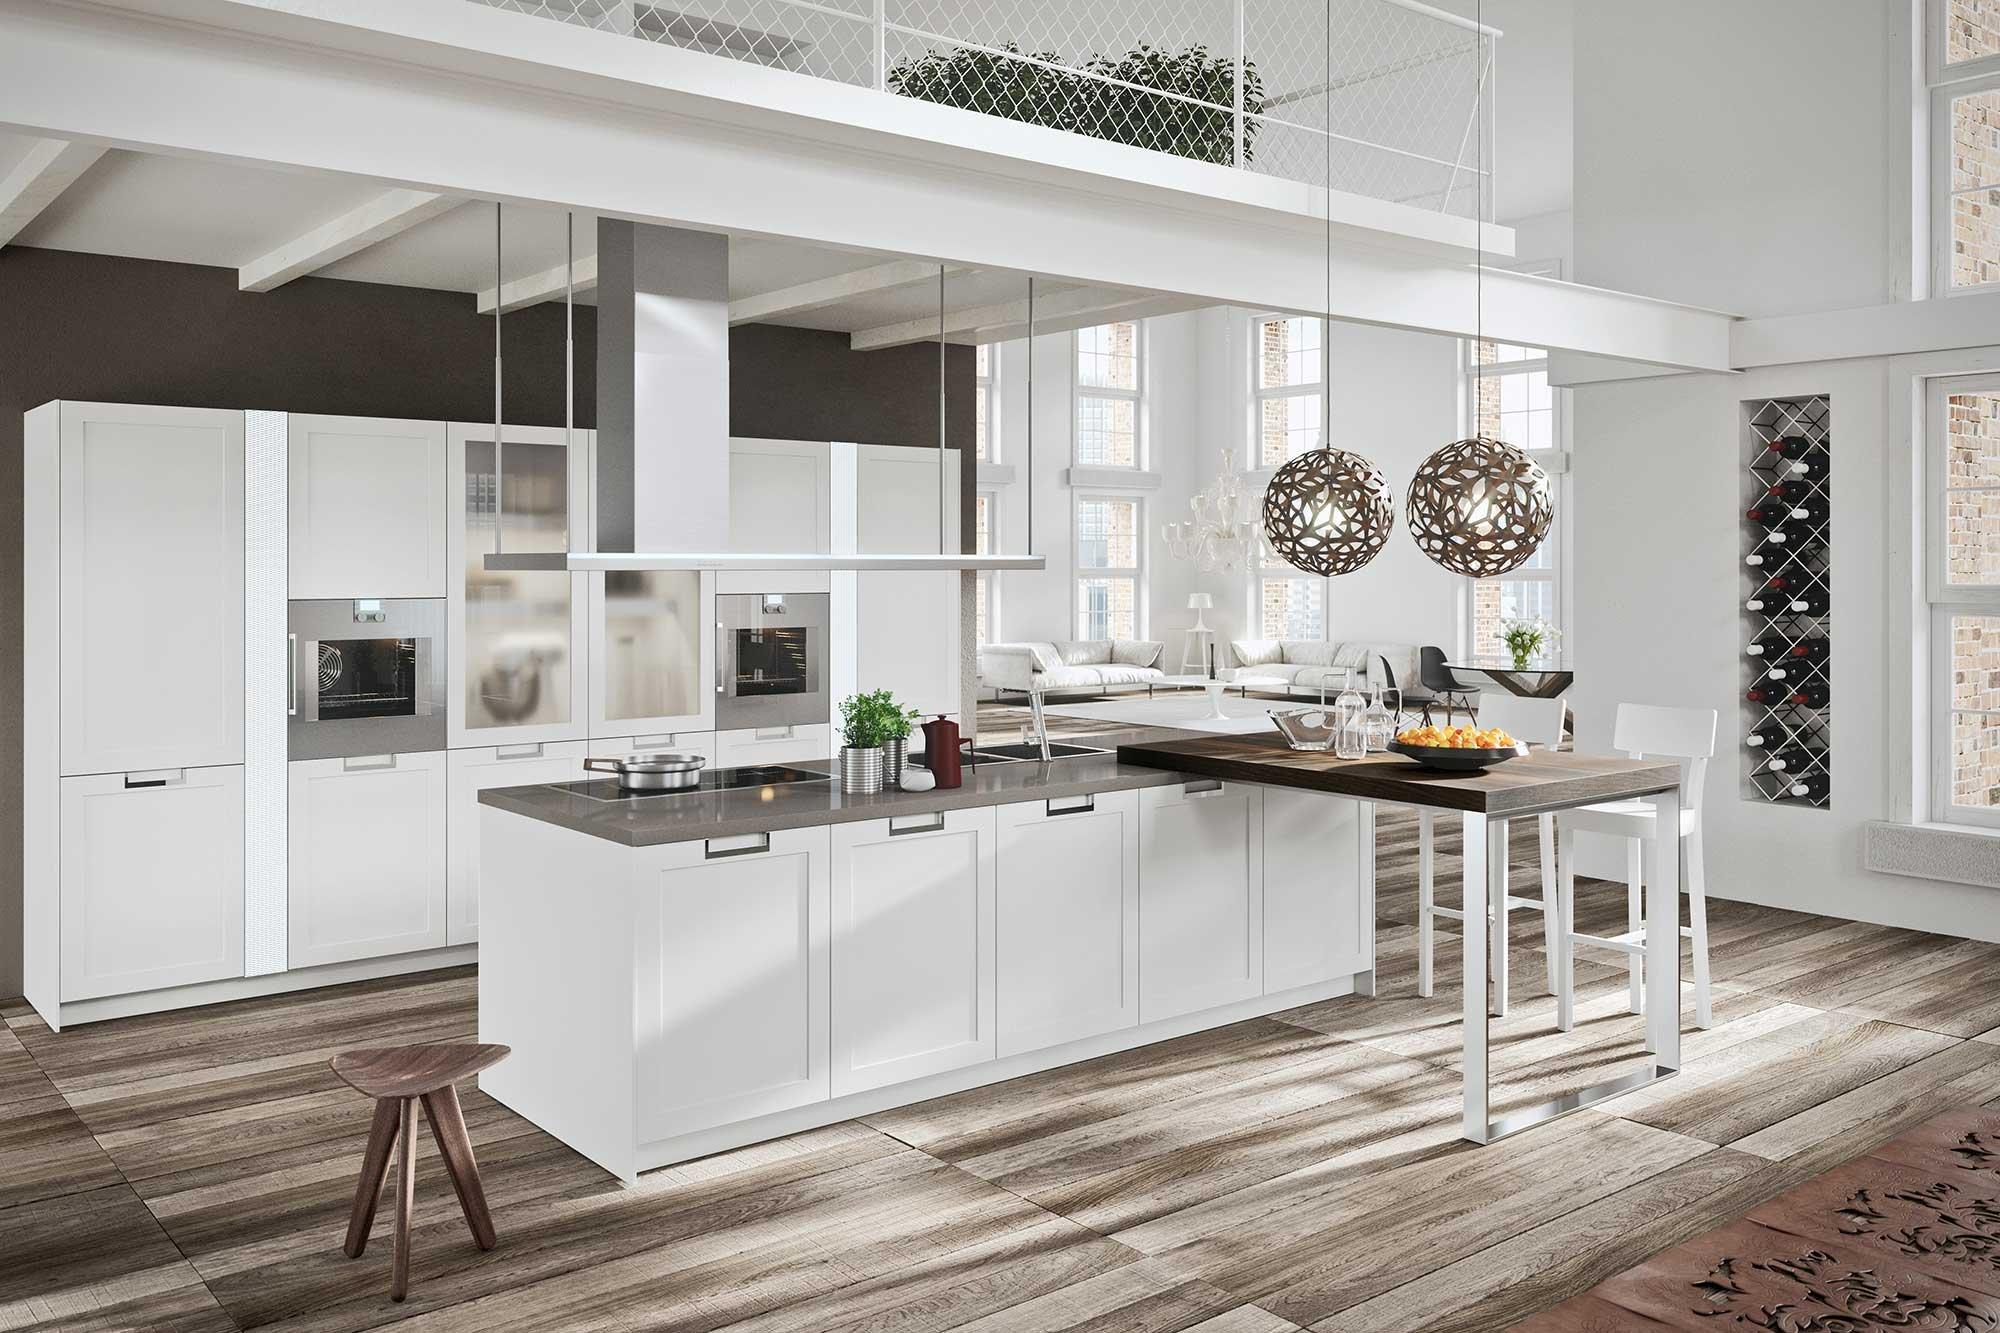 Cucina classica in bianco: tre modi di essere total white - Cose di Casa